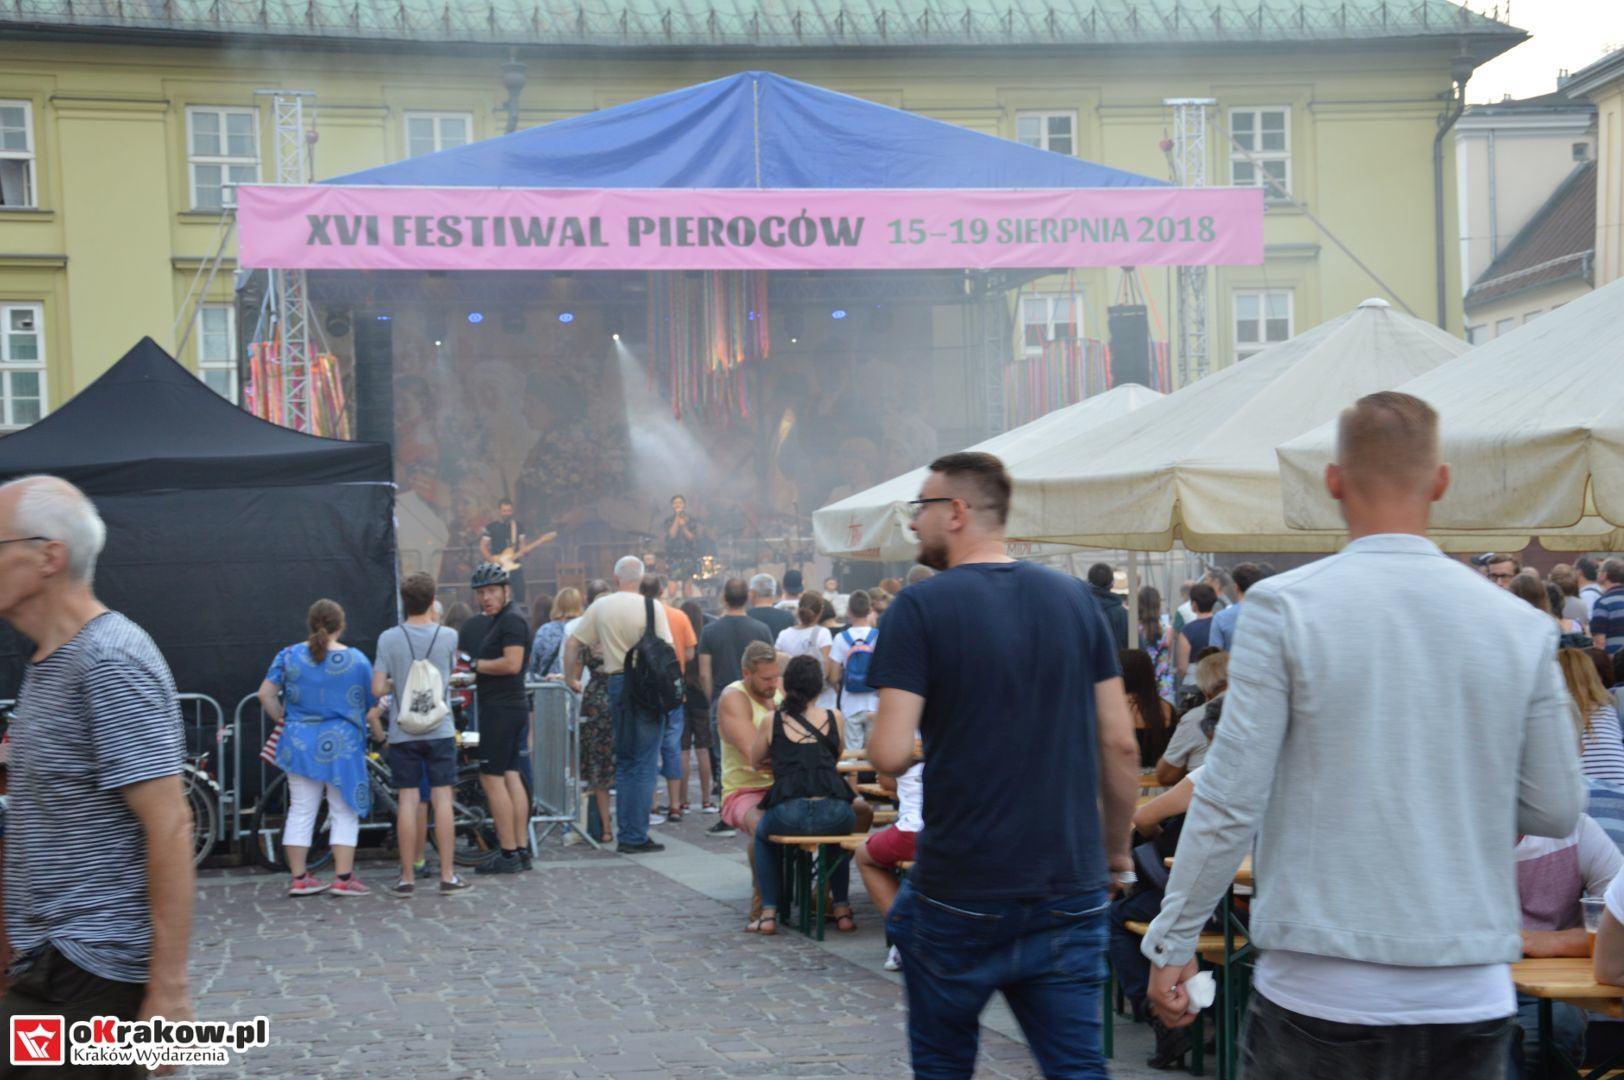 krakow festiwal pierogow maly rynek koncert cheap tobacco 131 150x150 - Galeria zdjęć Festiwal Pierogów Kraków 2018 + zdjęcia z koncertu Cheap Tobacco